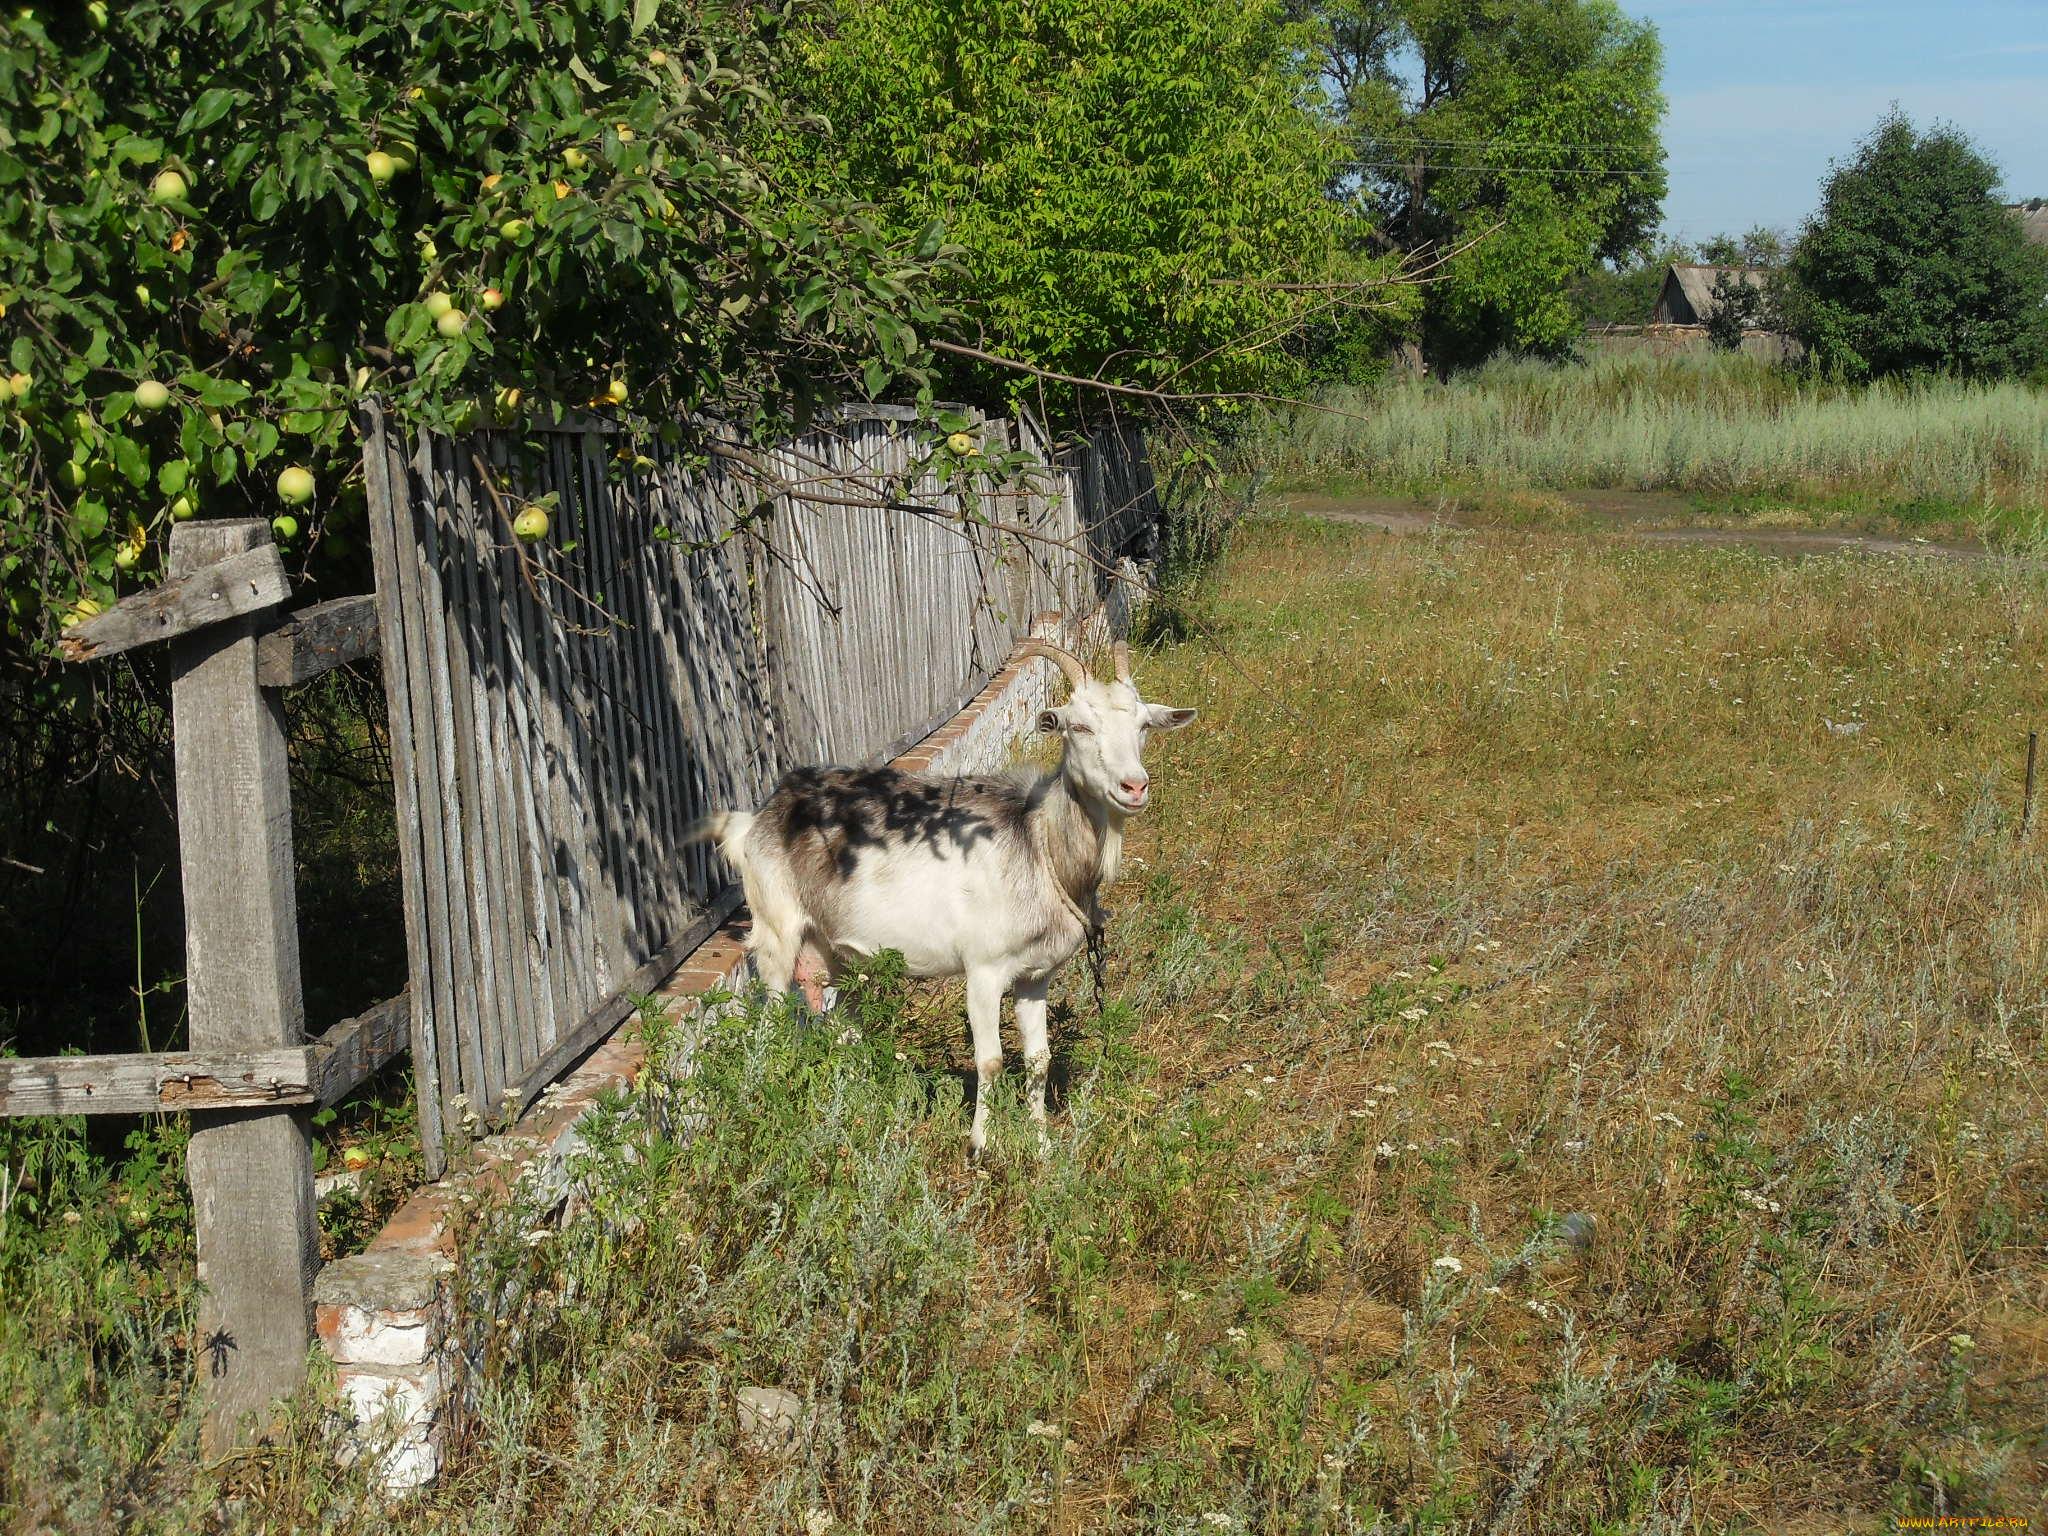 природа животные козы трава забор бесплатно